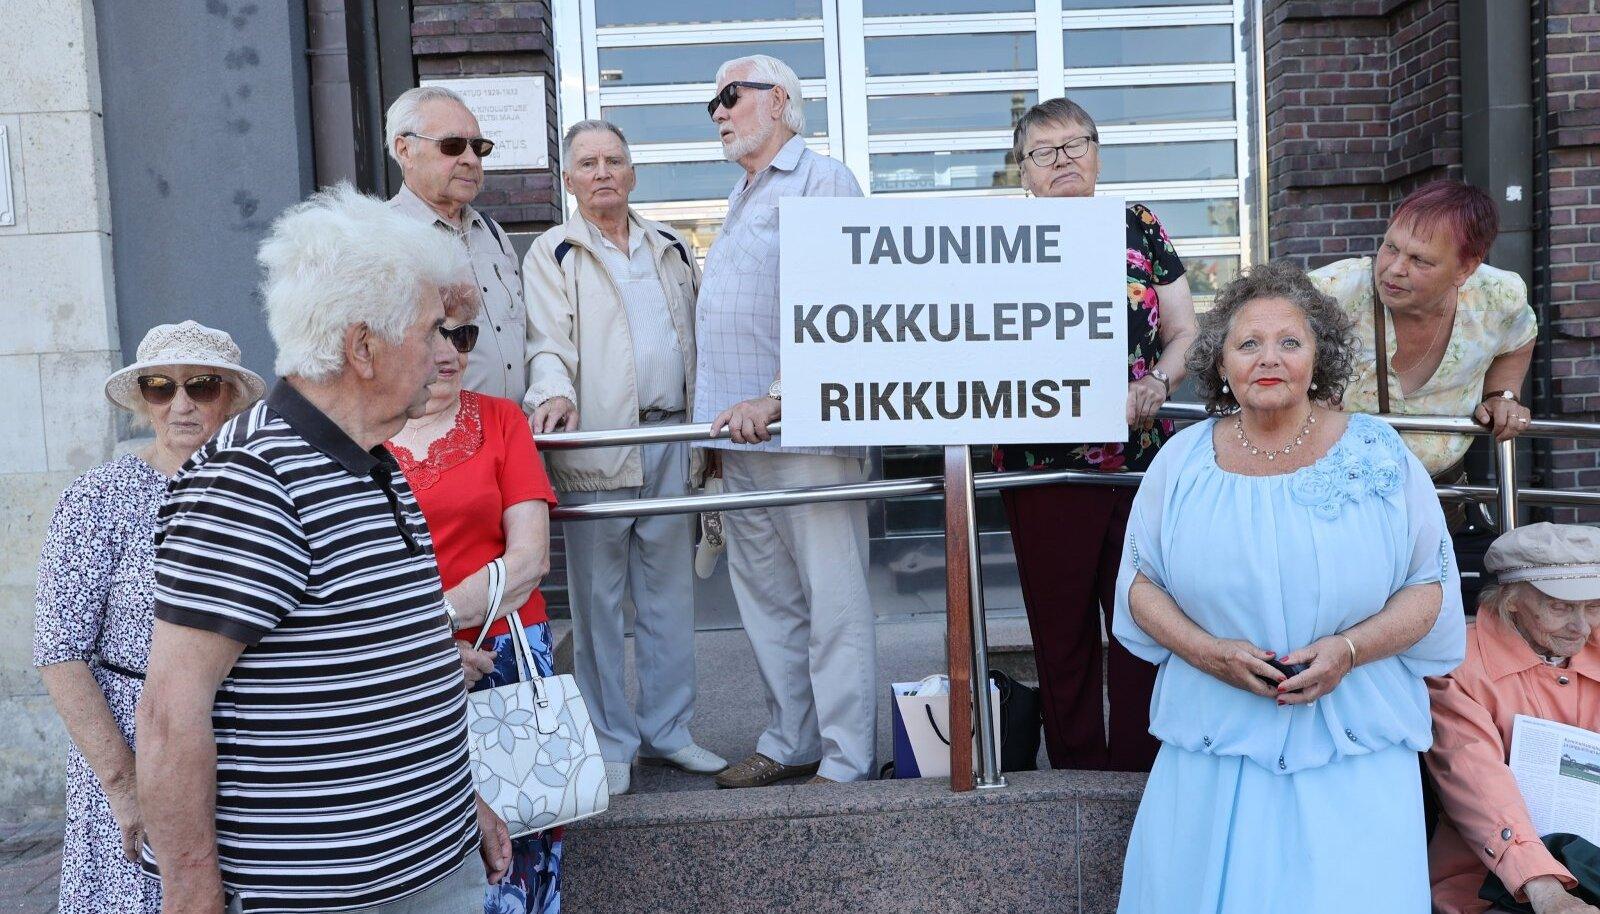 Memento Tallinna meeleavaldus